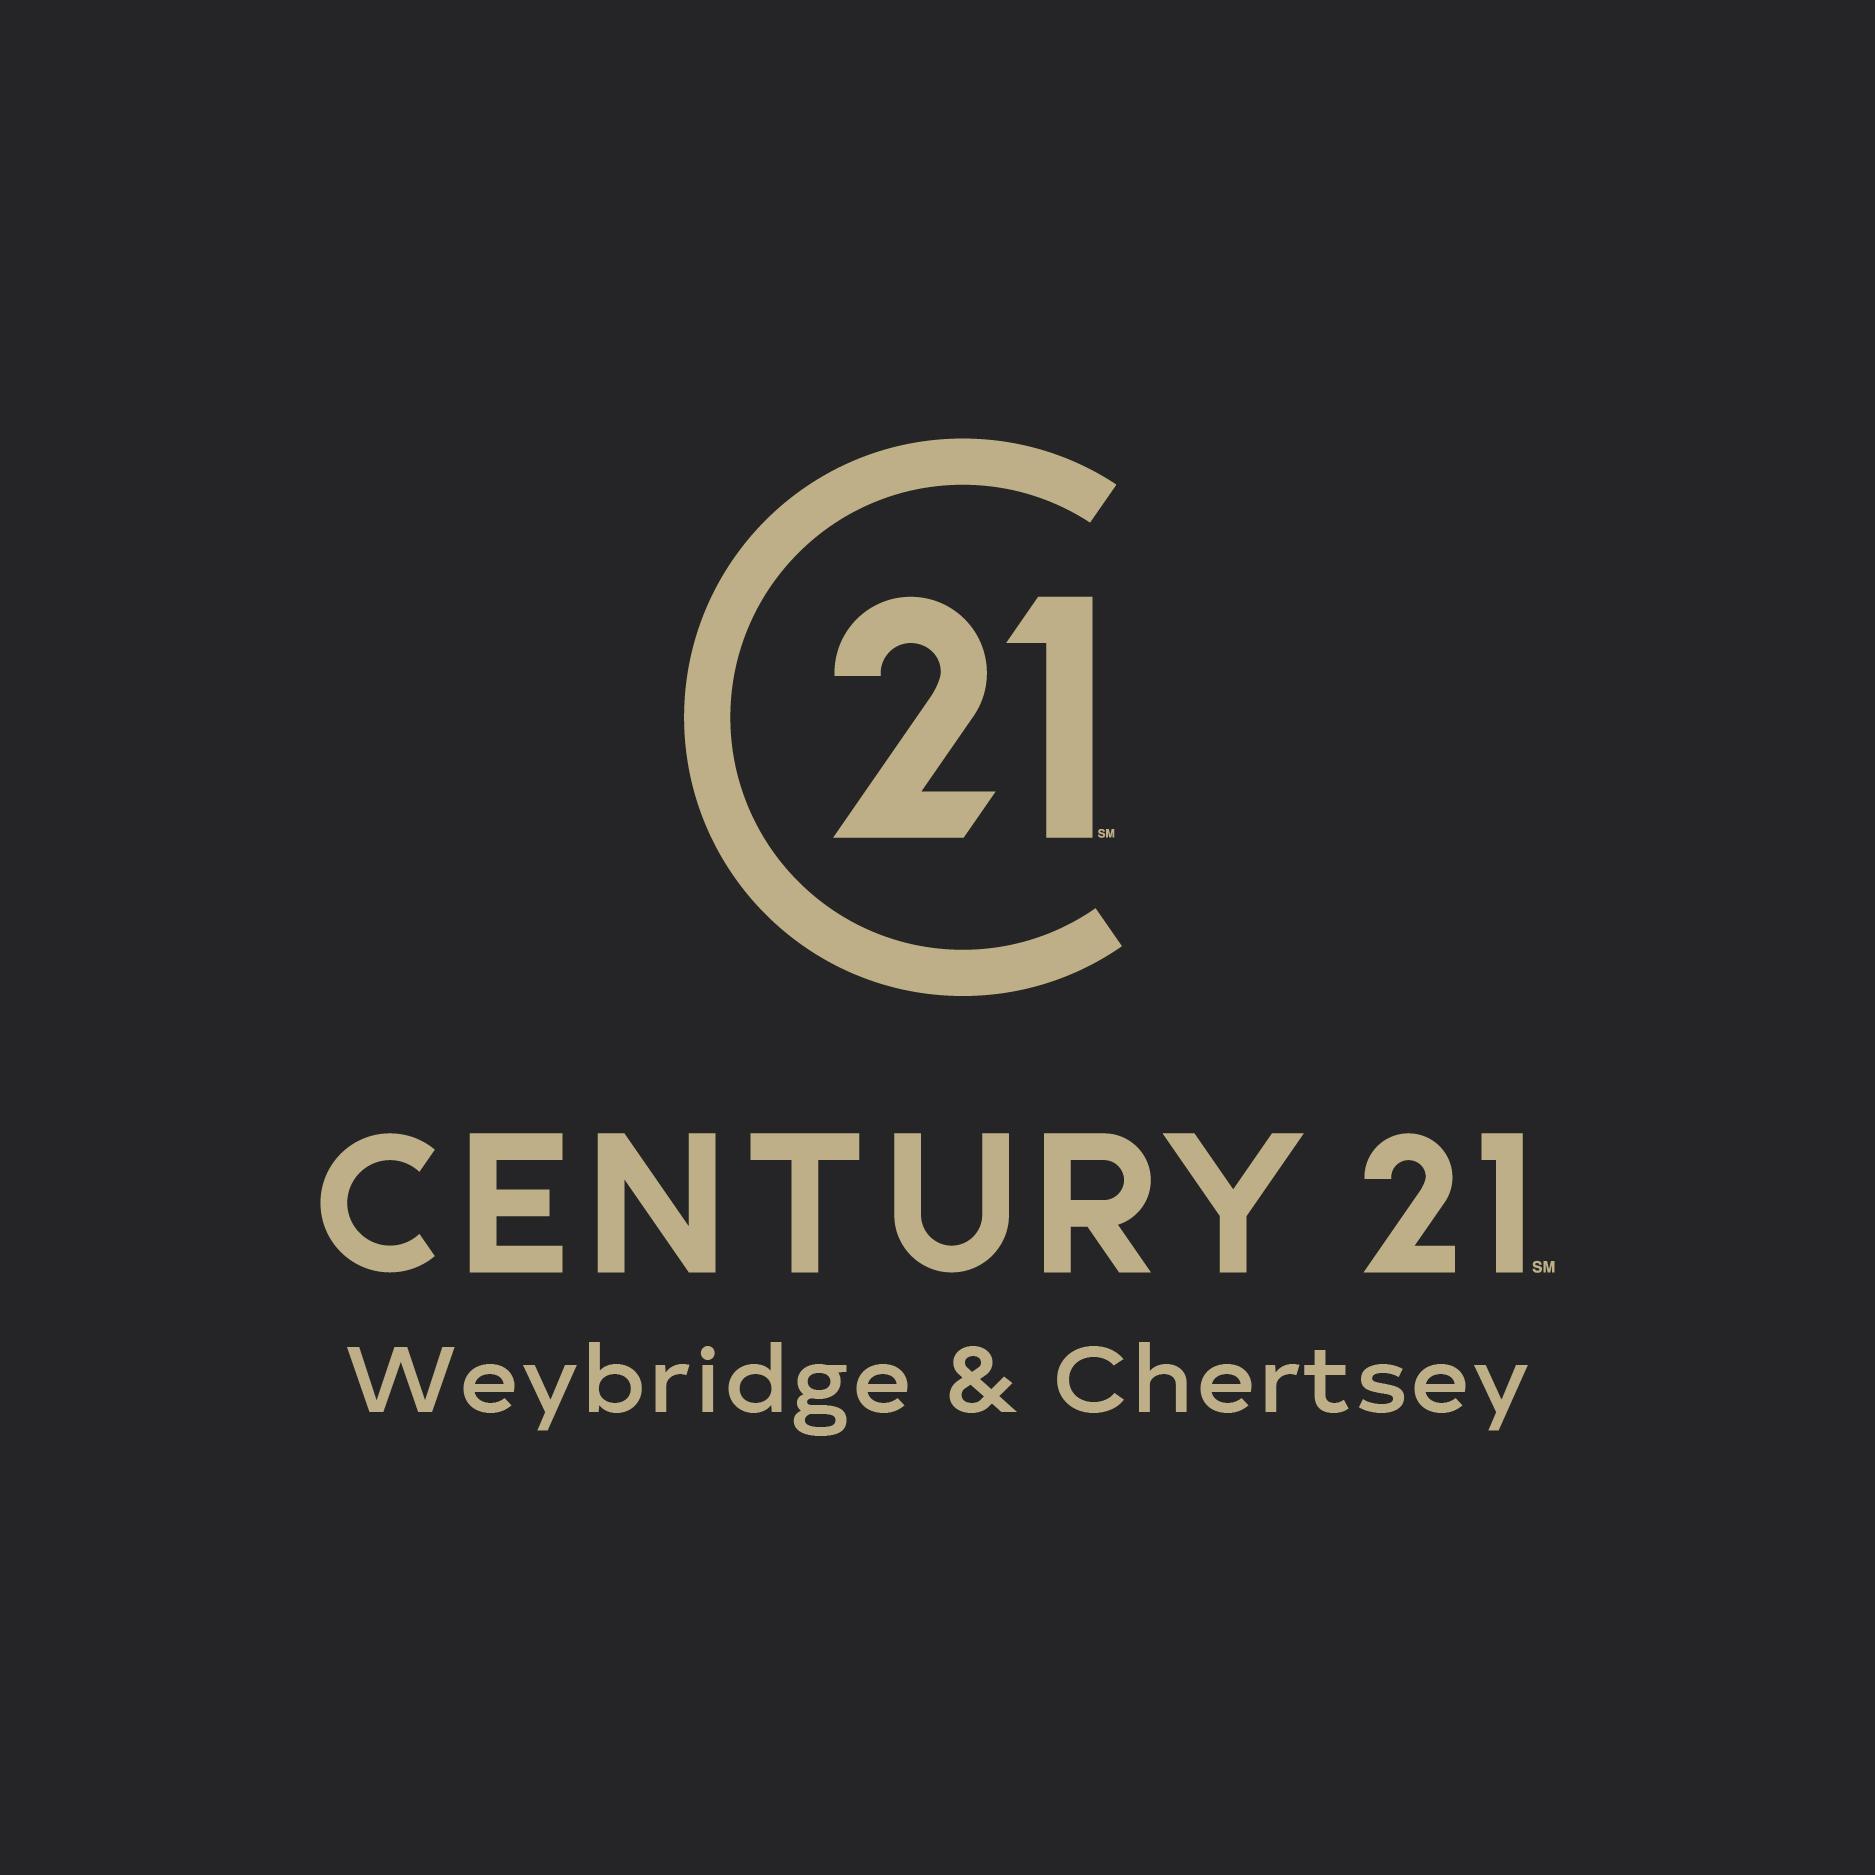 Century 21 - Weybridge & Chertsey